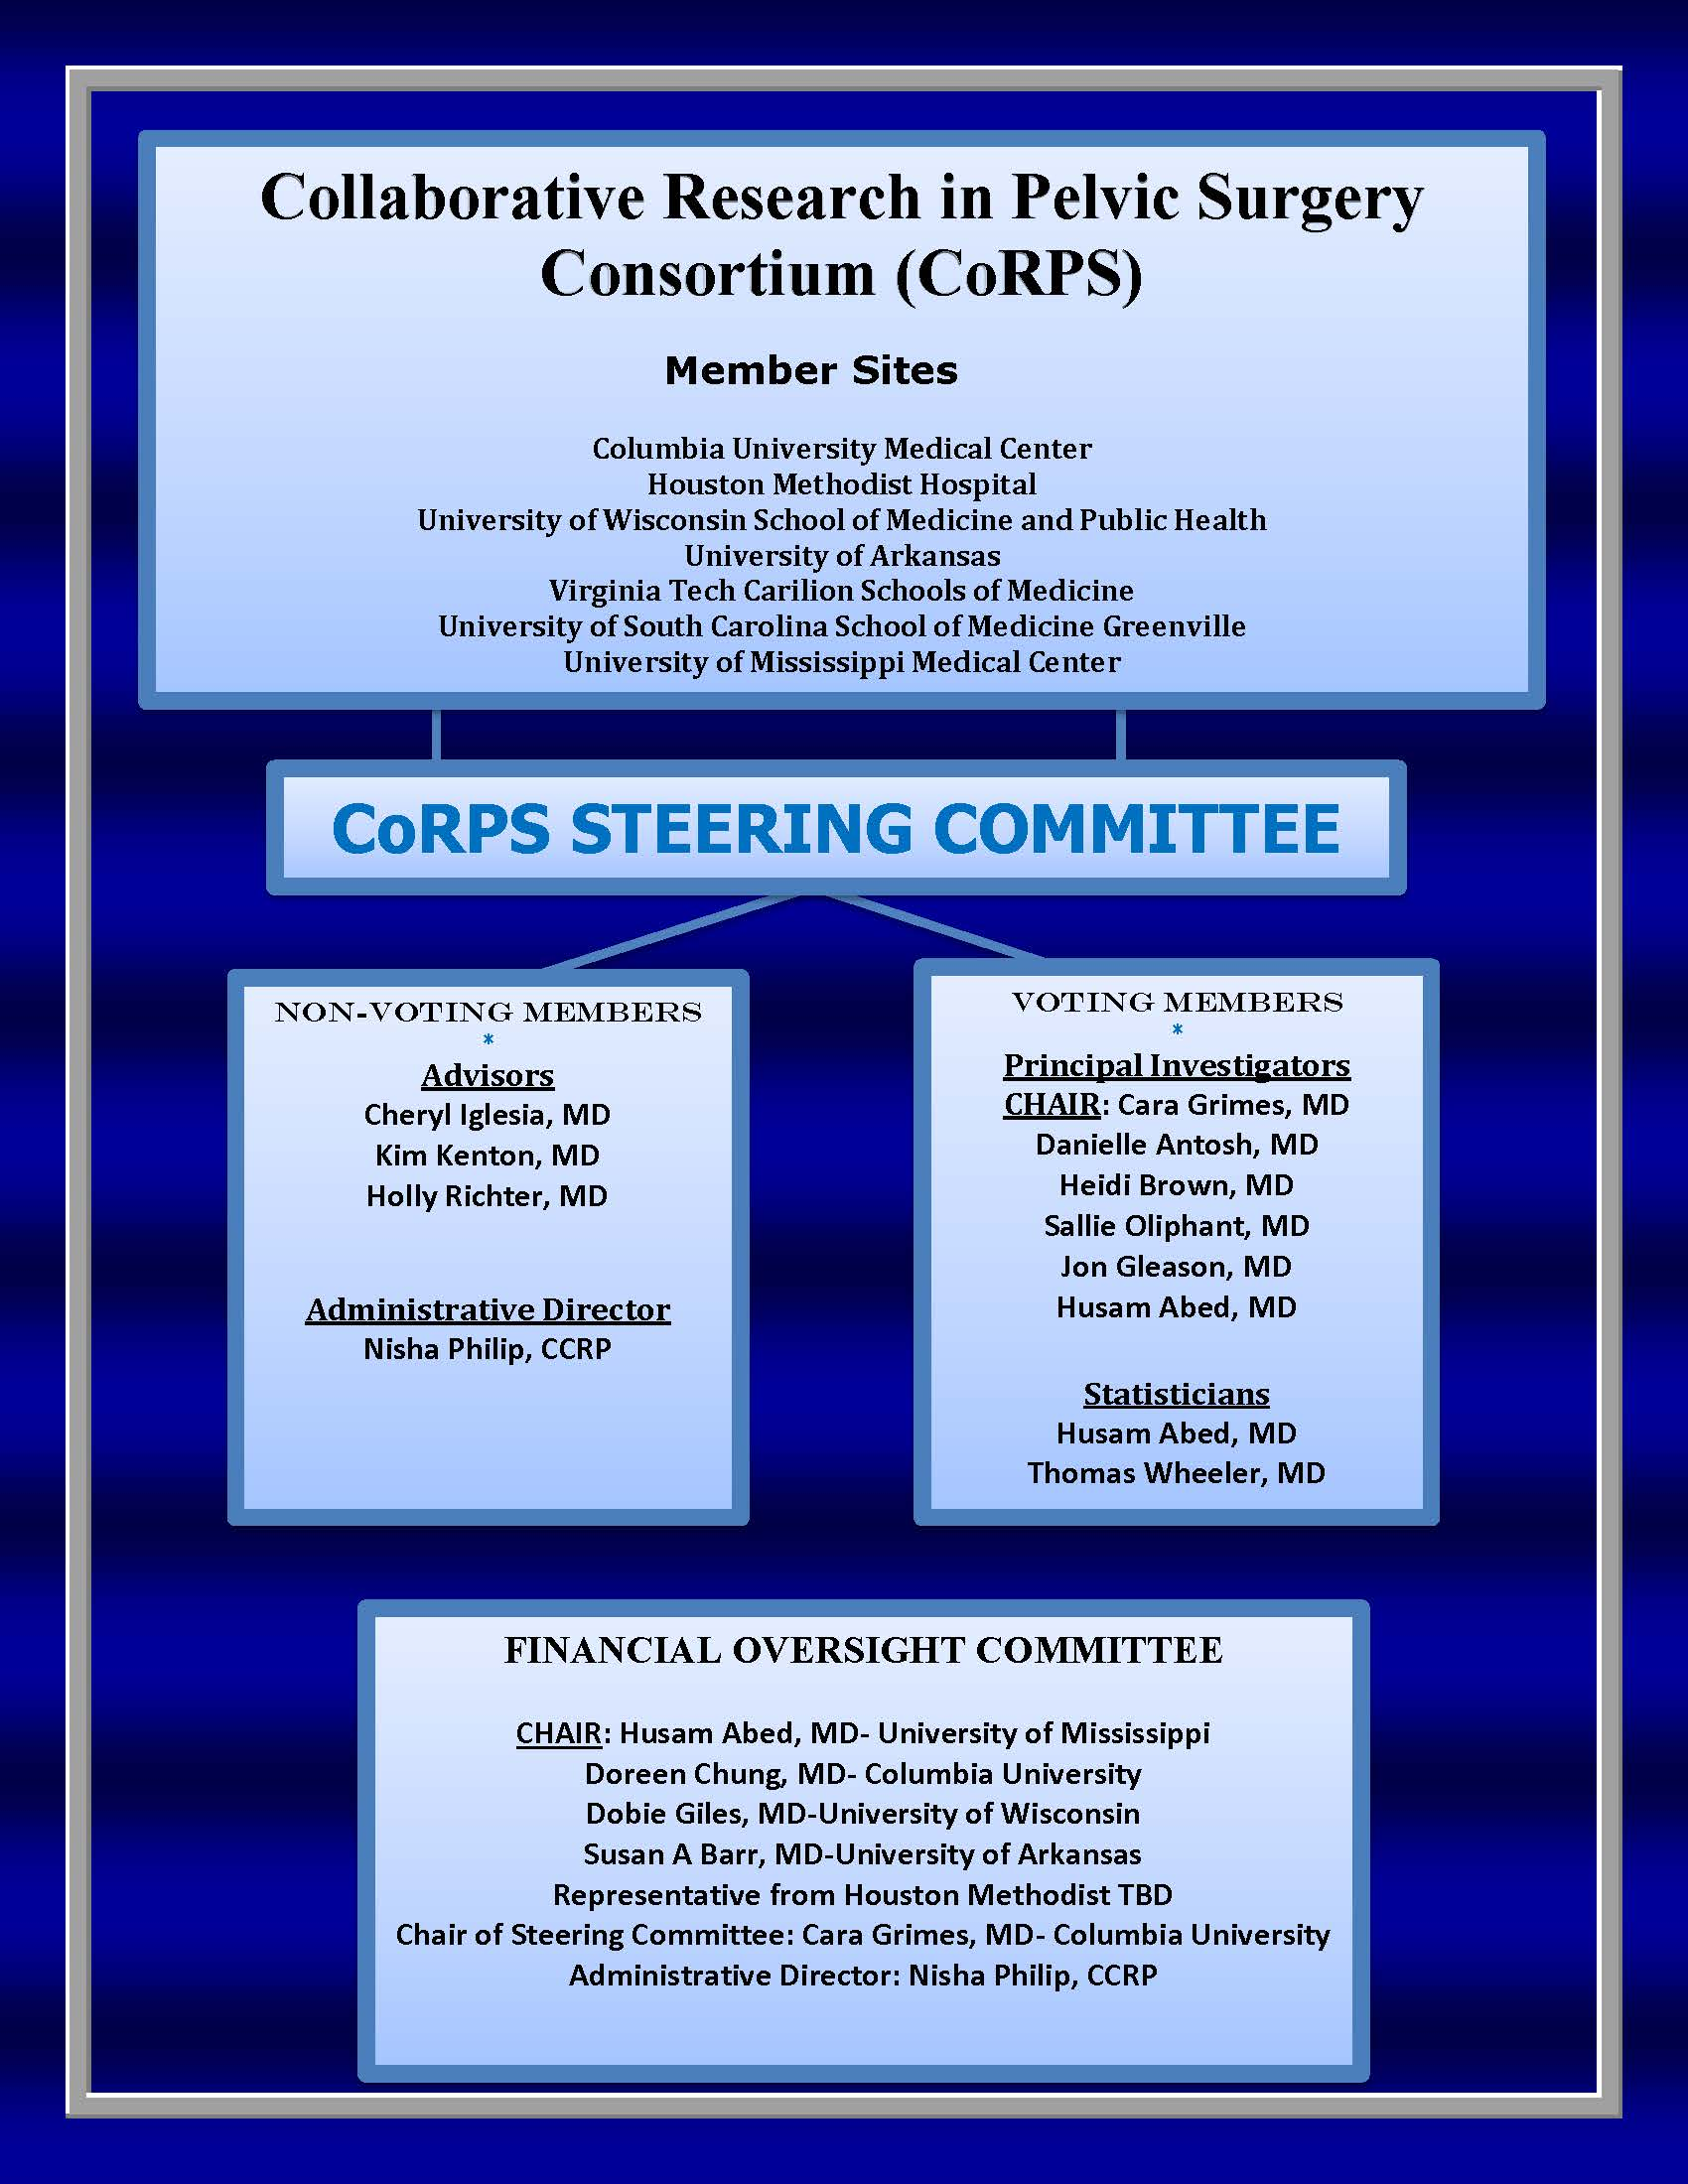 0a_Flowchart_CoRPS_Committee_12.22.2016.jpg